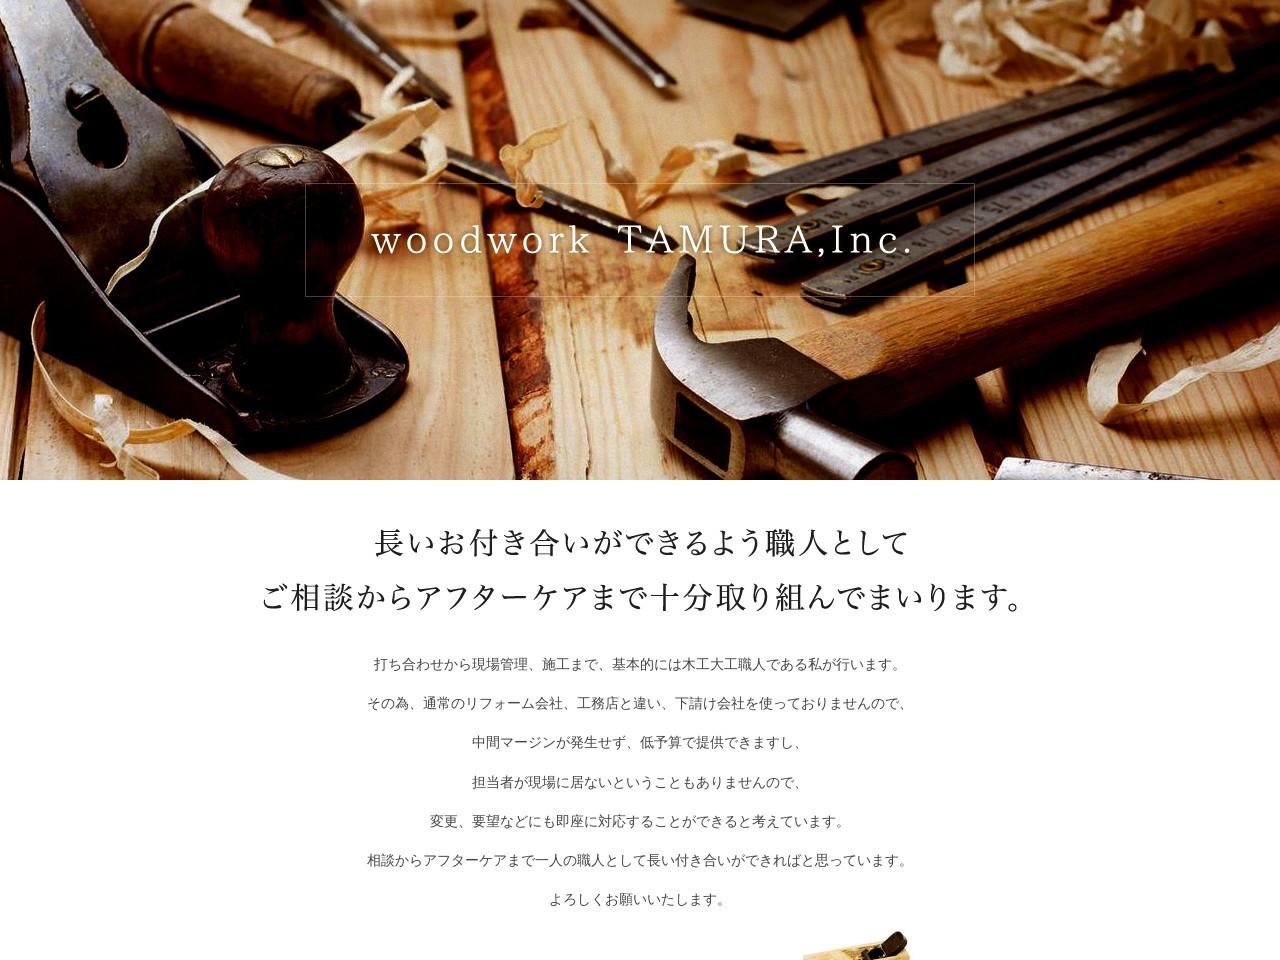 株式会社田村製作所